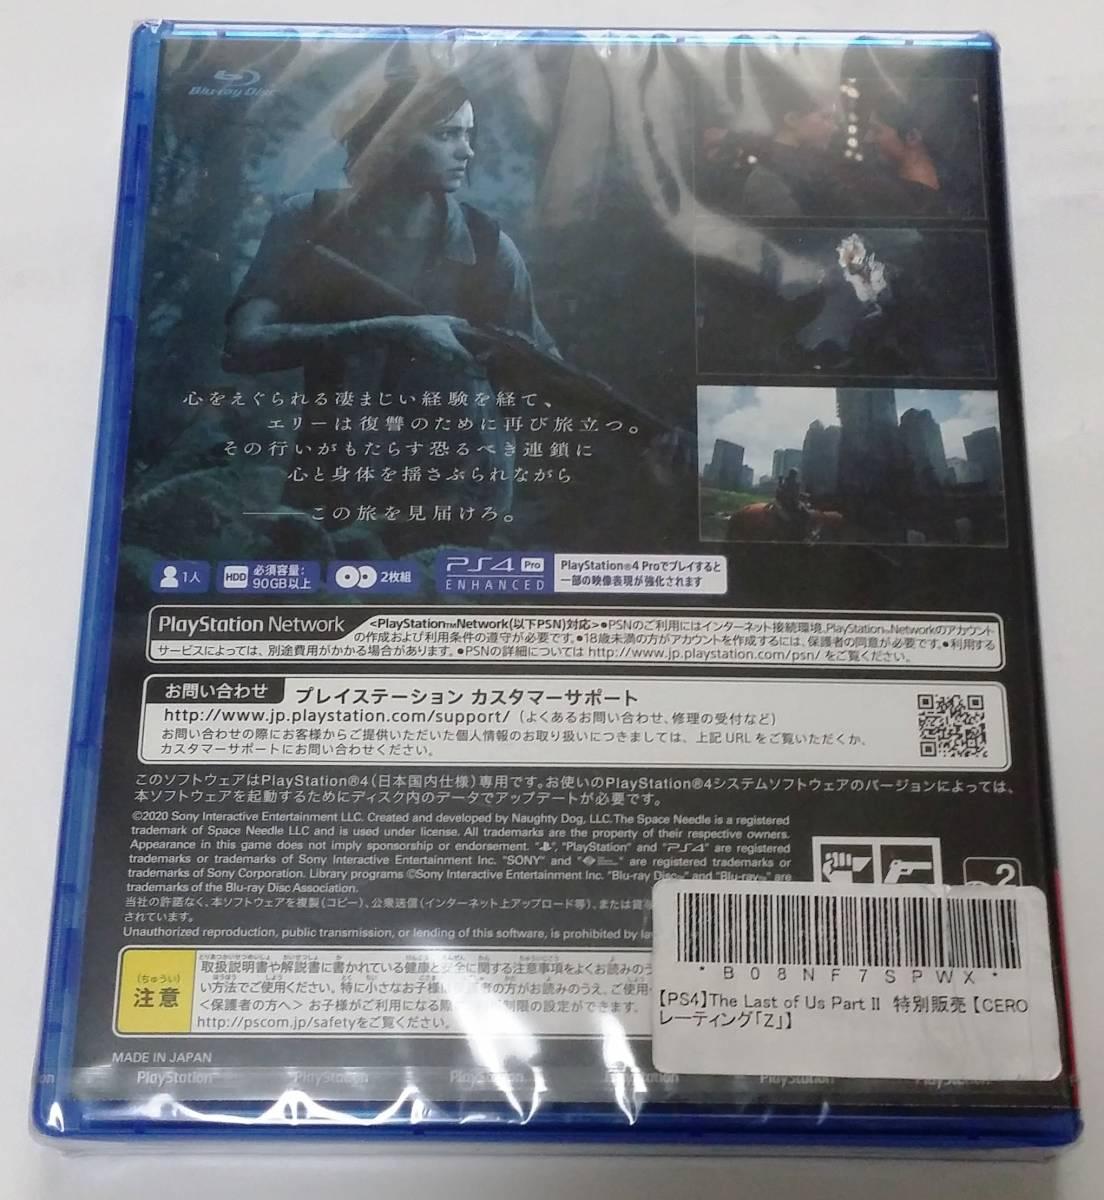 新品 【PS4】The Last of Us Part II 【CEROレーティング「Z」】 送料無料